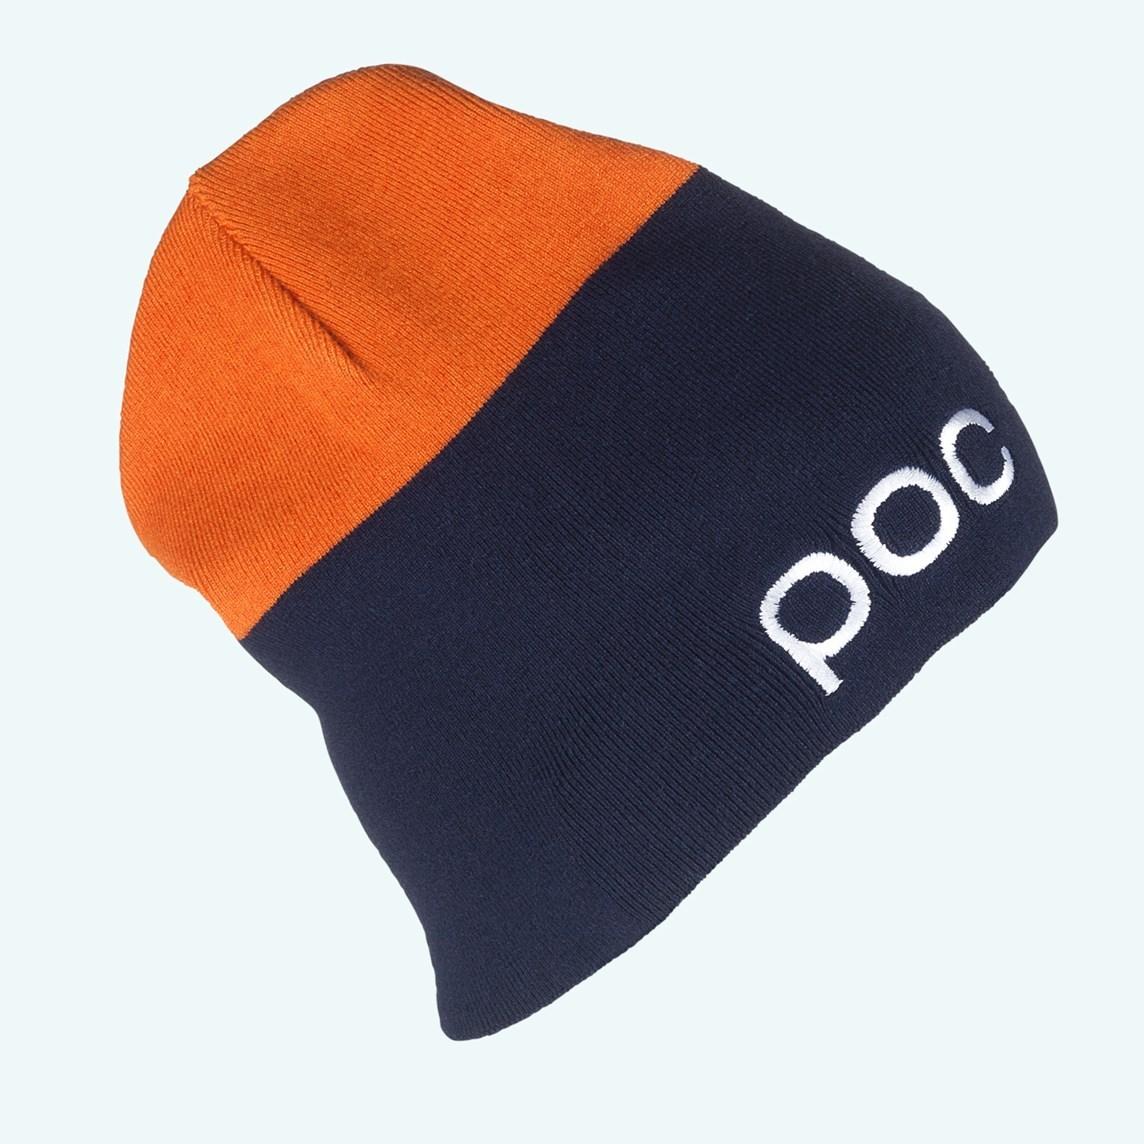 Czapka Poc 2 Colored Beanie niebieska|pomarańczowa